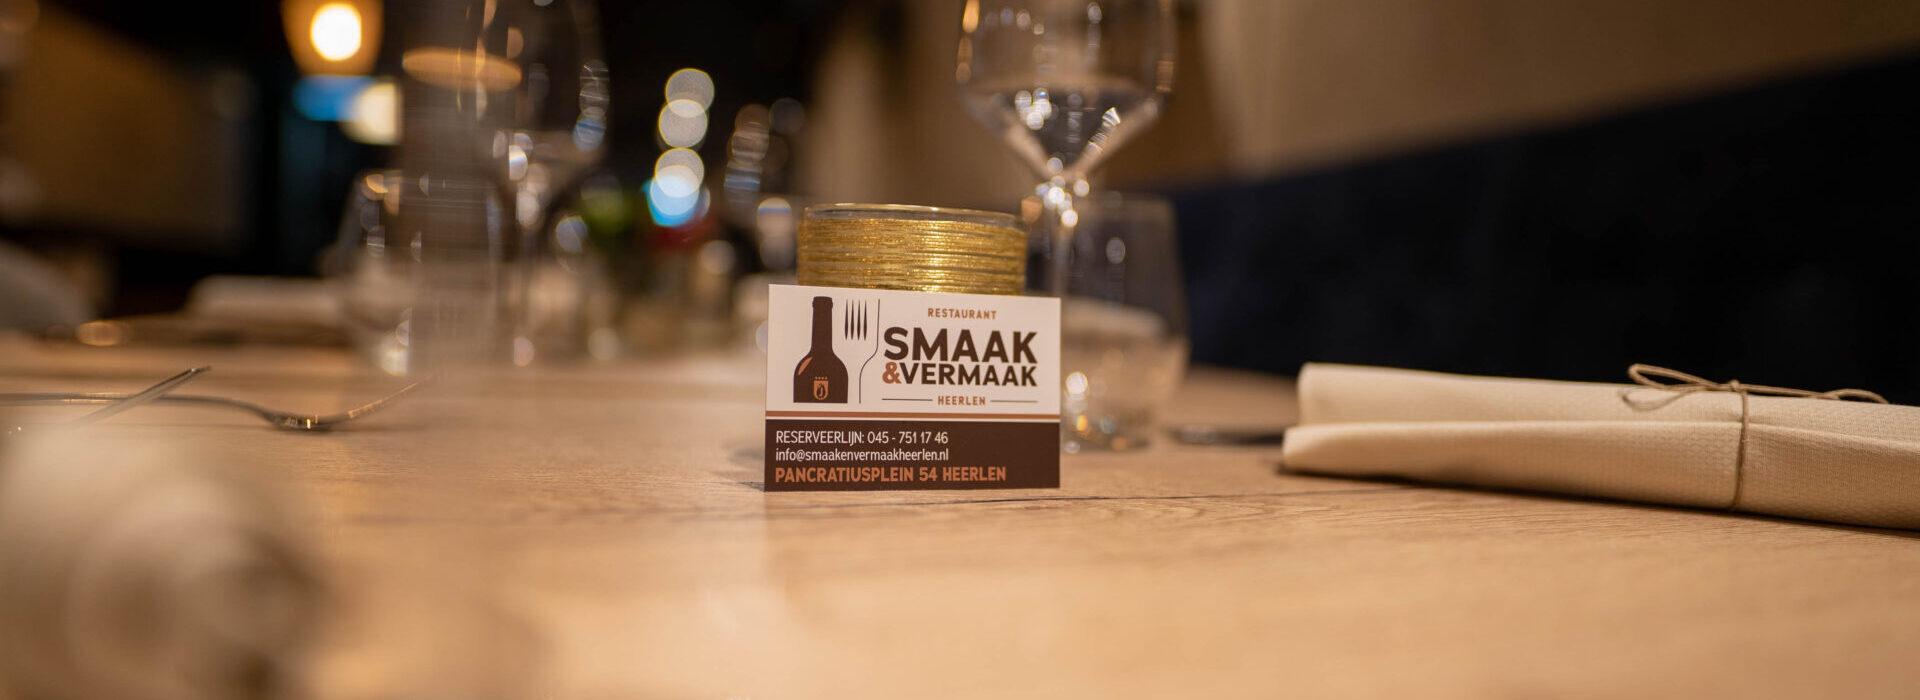 Restaurant Smaak en Vermaak Heerlen